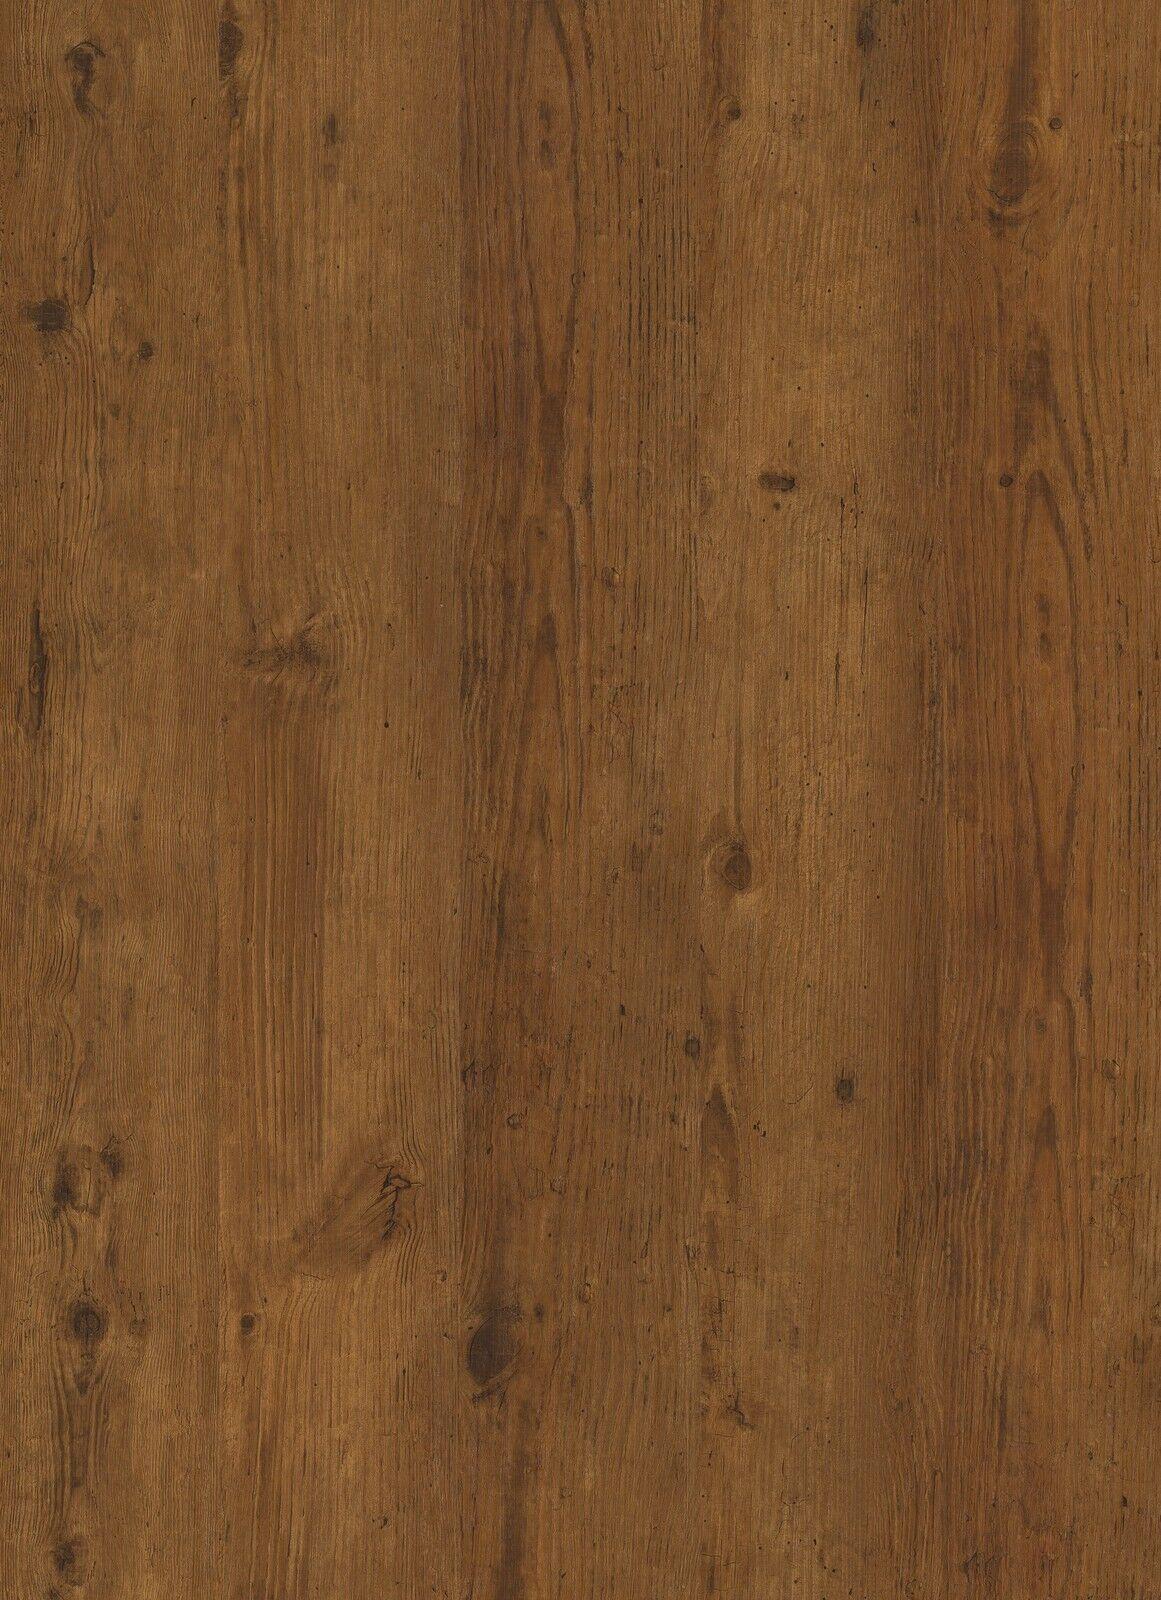 JOKA Rabatt 10% 2814 Designböden 330 2,0mm Antique Oak Vinyl PVC 1m² 25,11